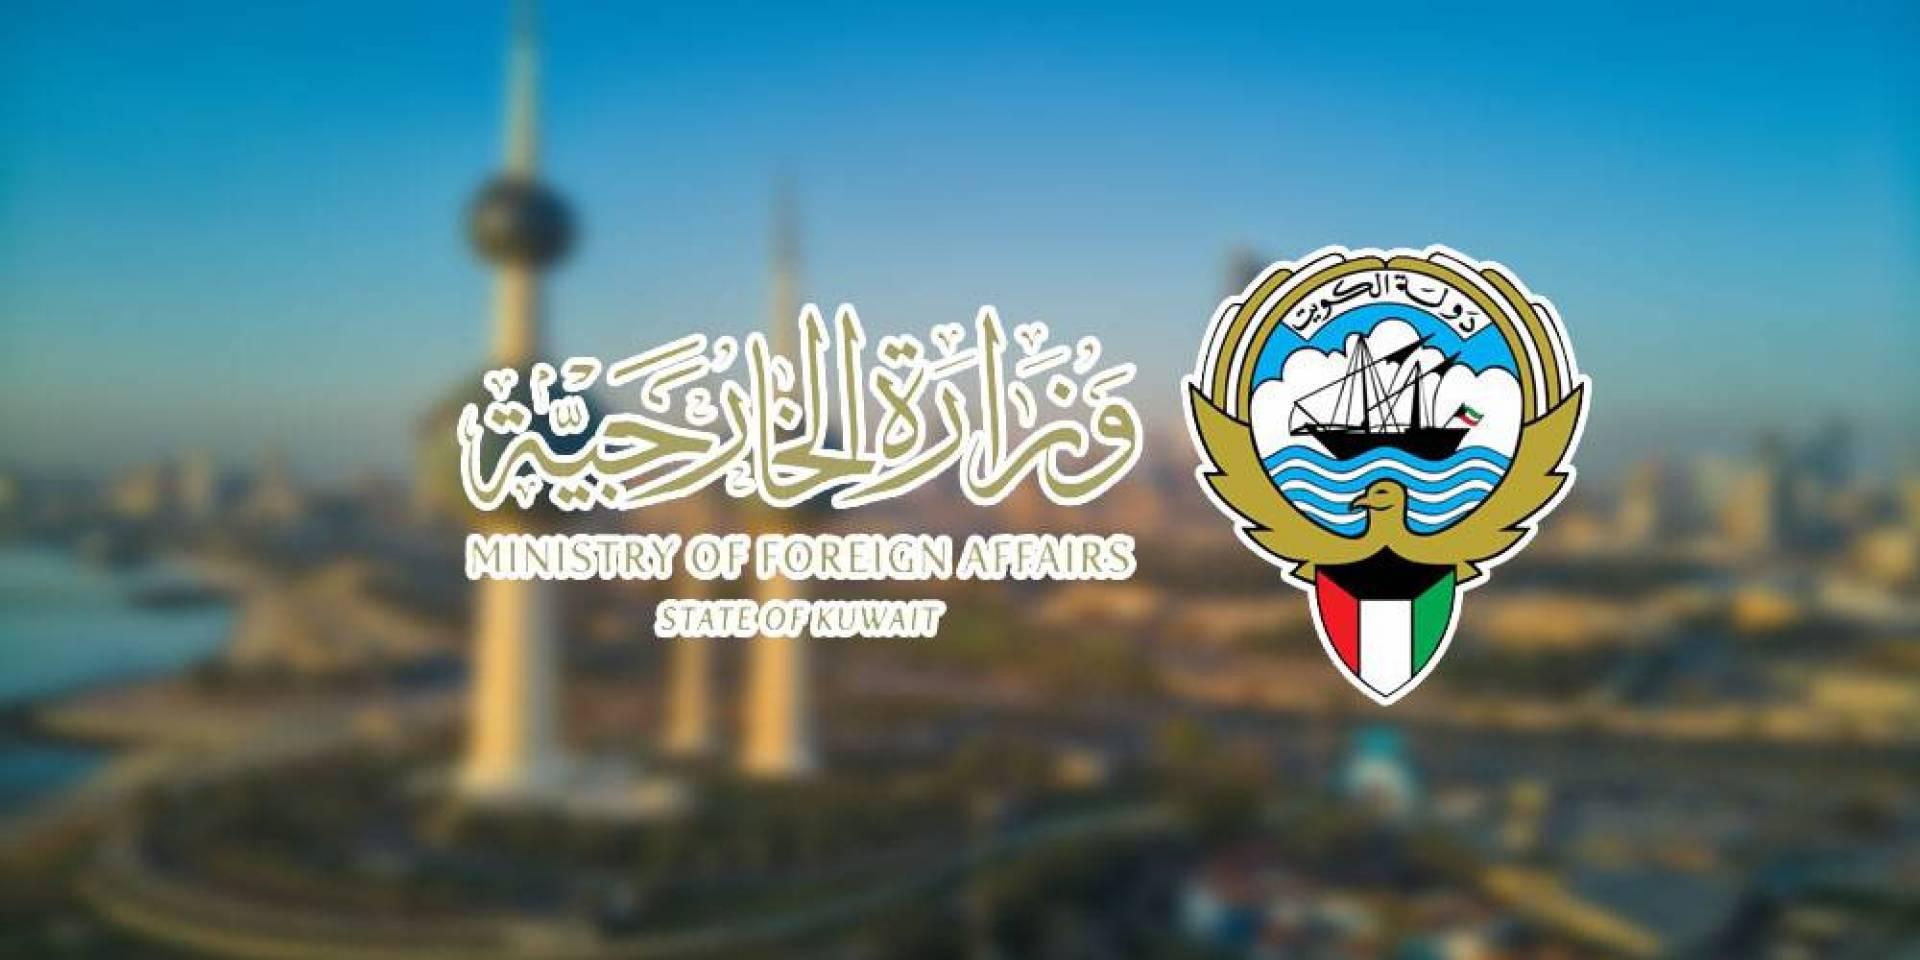 «الخارجية»: الكويت تابعت باستياء بالغ استمرار نشر الرسوم المسيئة للرسول